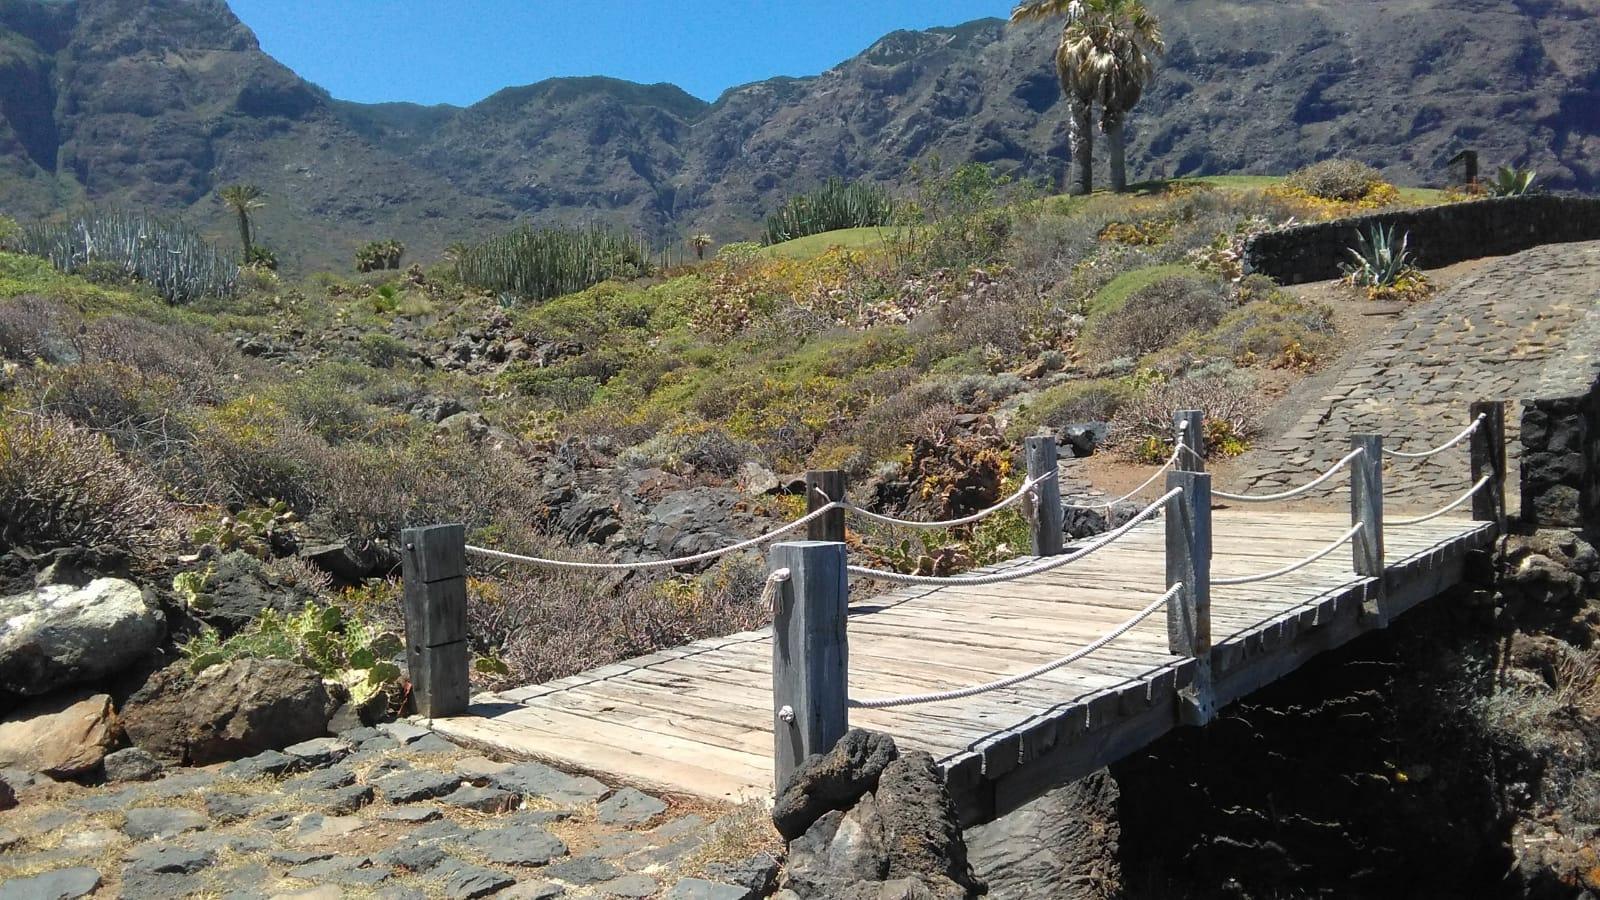 Pont sur le sentier à Buenavista del Norte et les volcans de Teno en arrière-plan